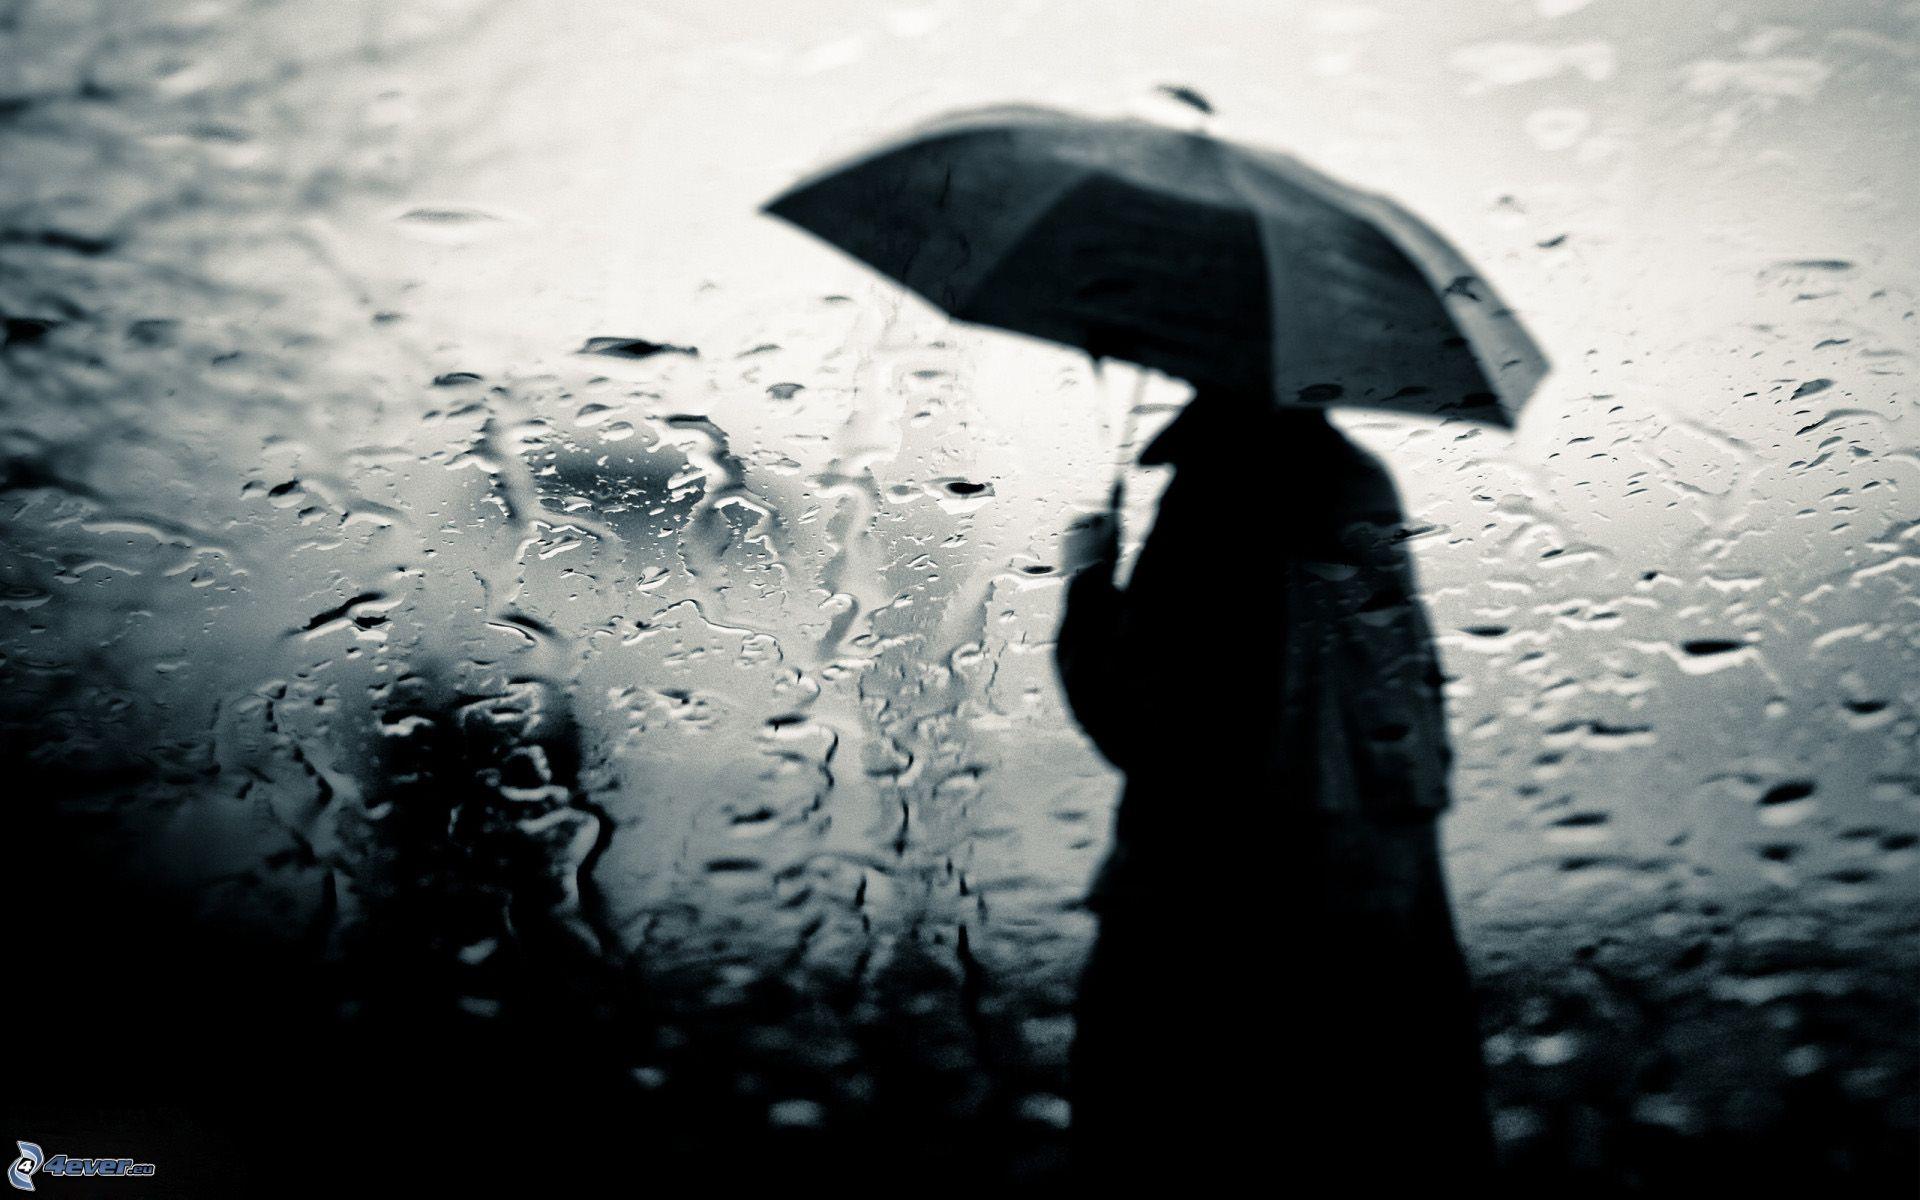 In arrivo perturbazione, previsti temporali e venti forti